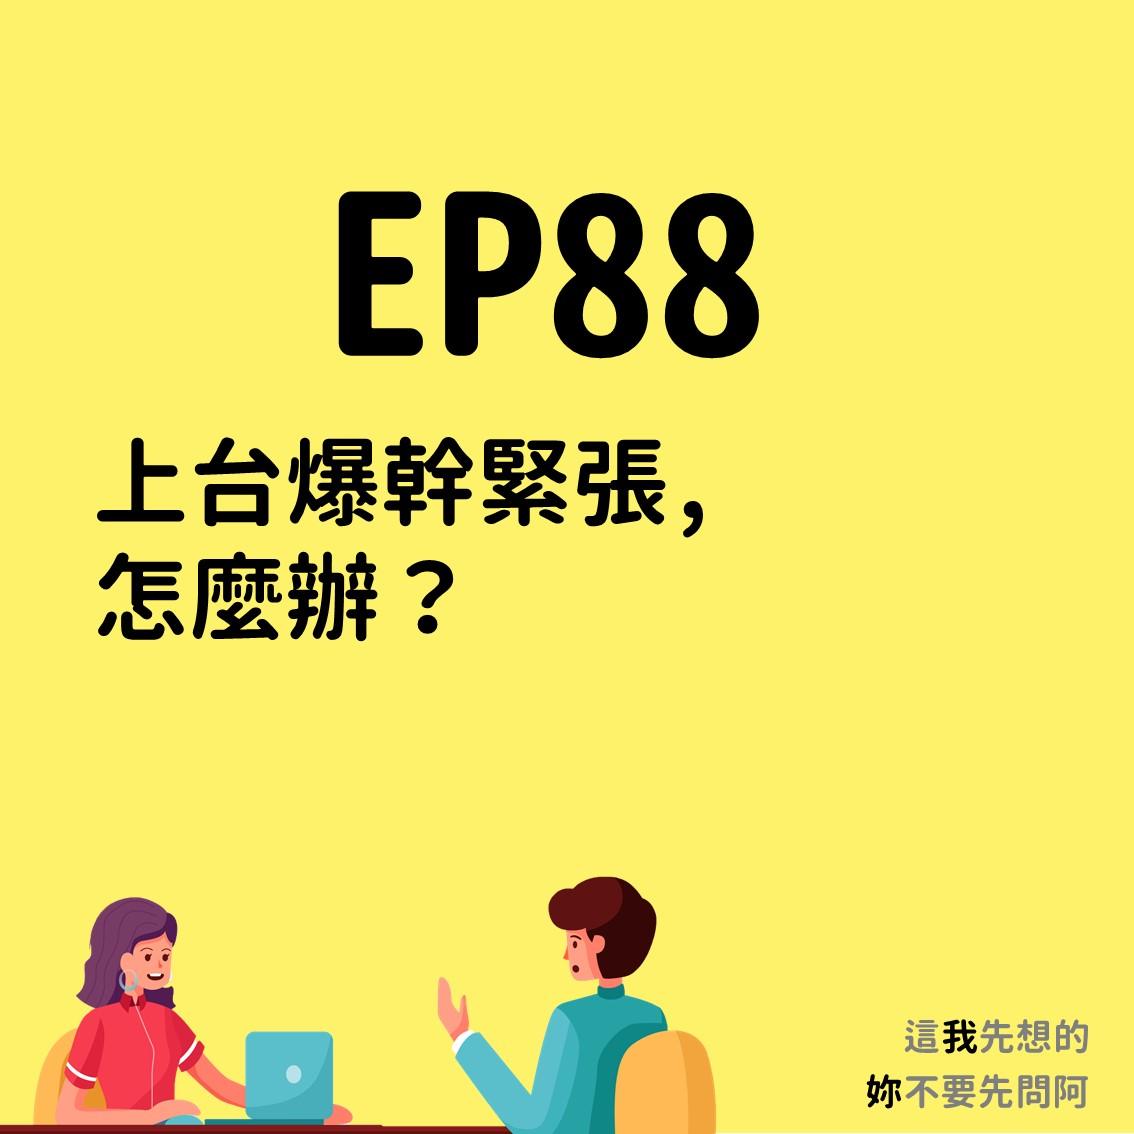 EP88 上台爆幹緊張,怎麼辦?